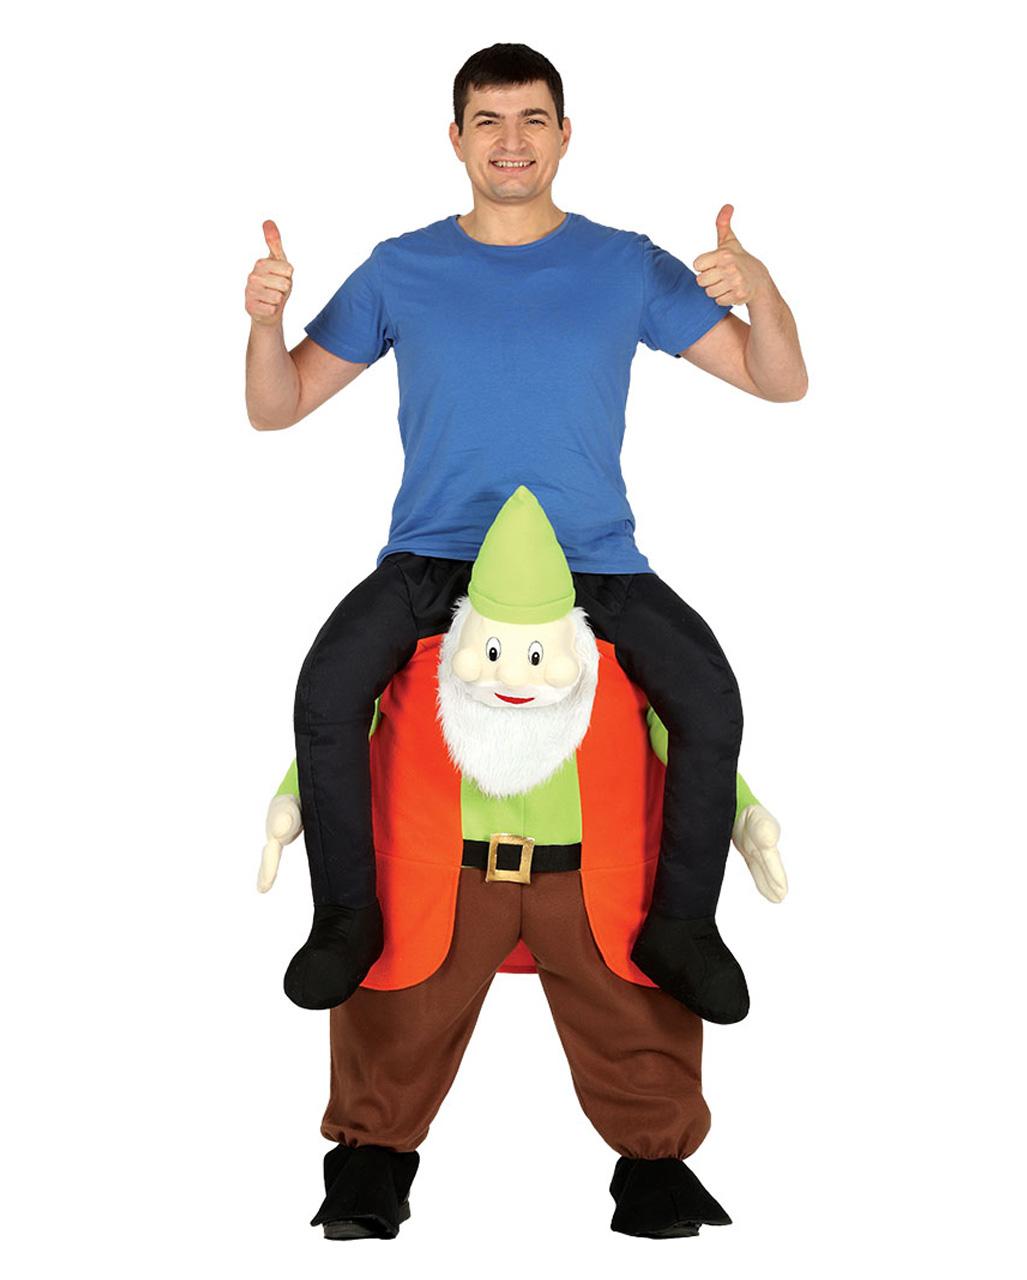 Reiter Auf Zwerg Carry Me Kostum Fur Karneval Horror Shop Com